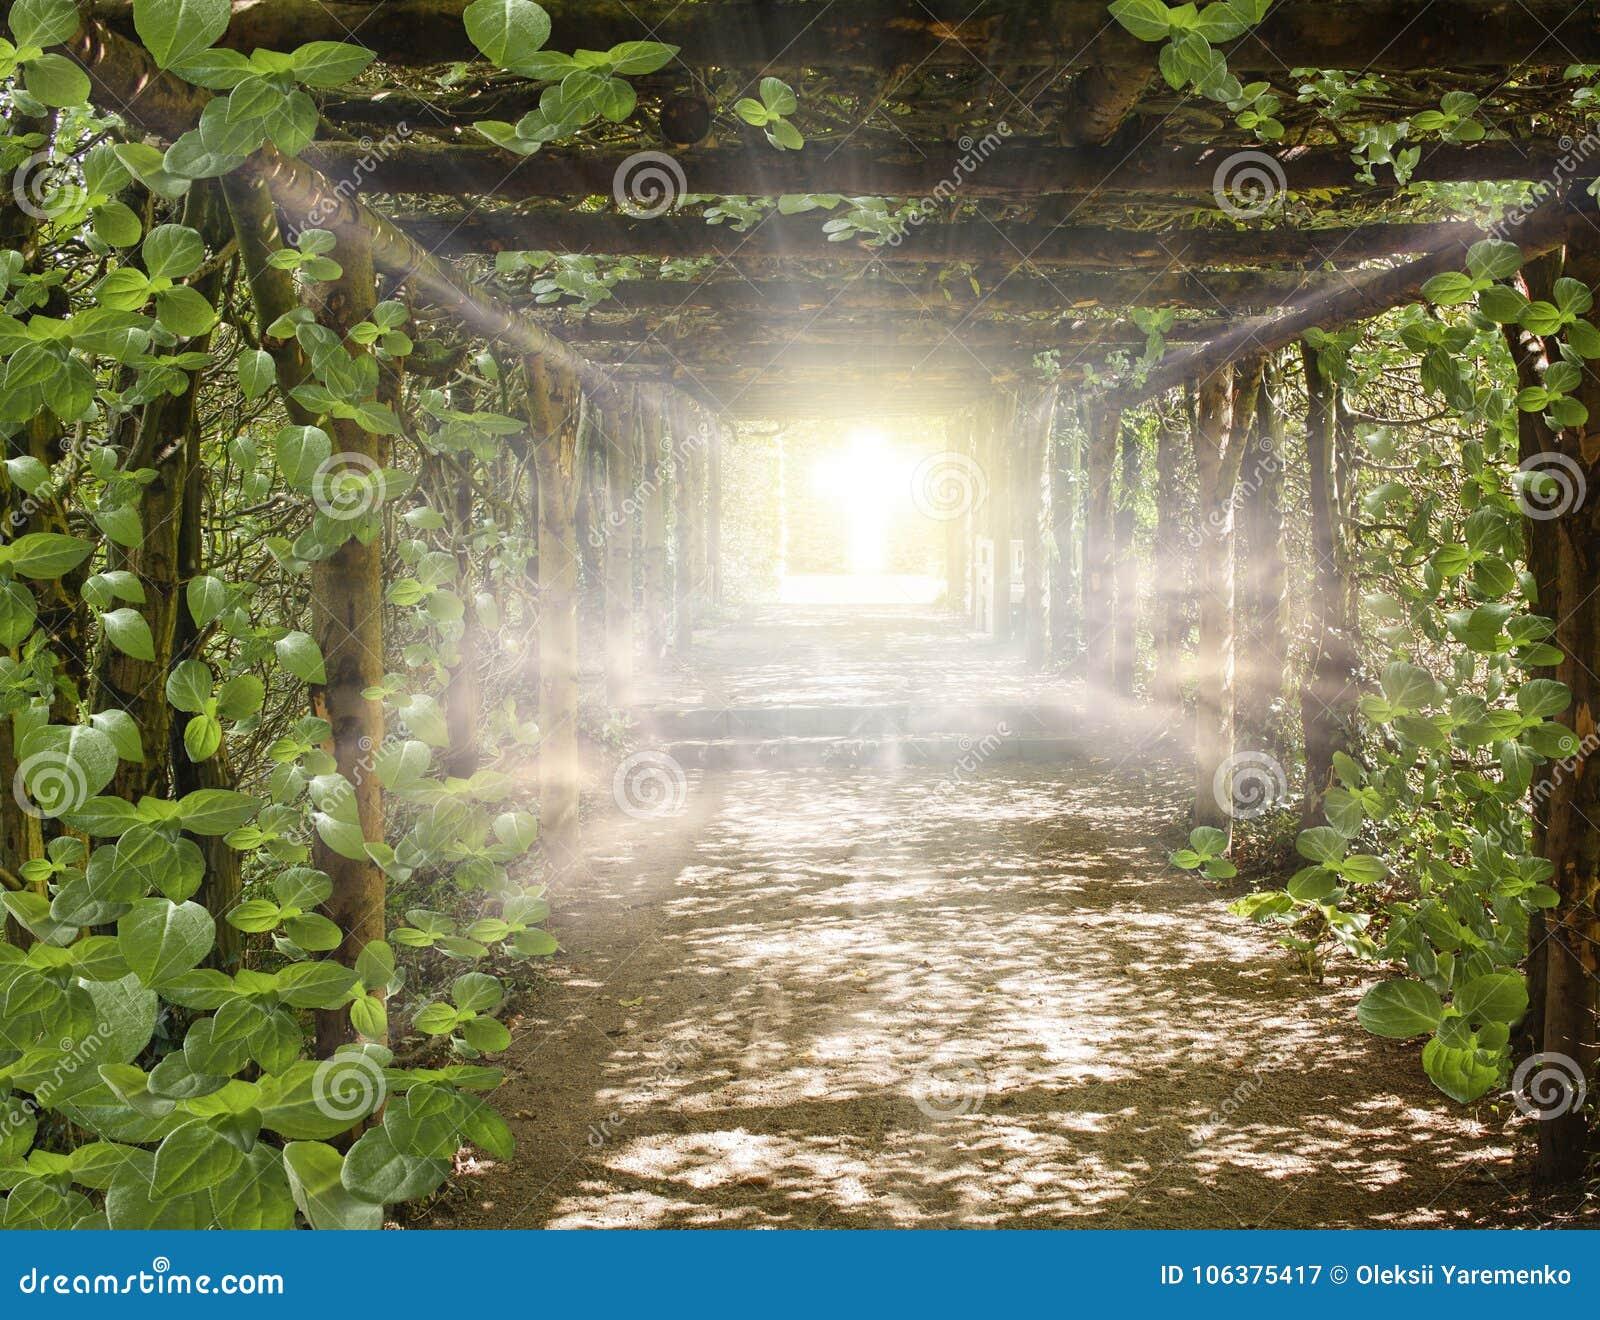 Light in sky . Way to GoCosmic healing energy .